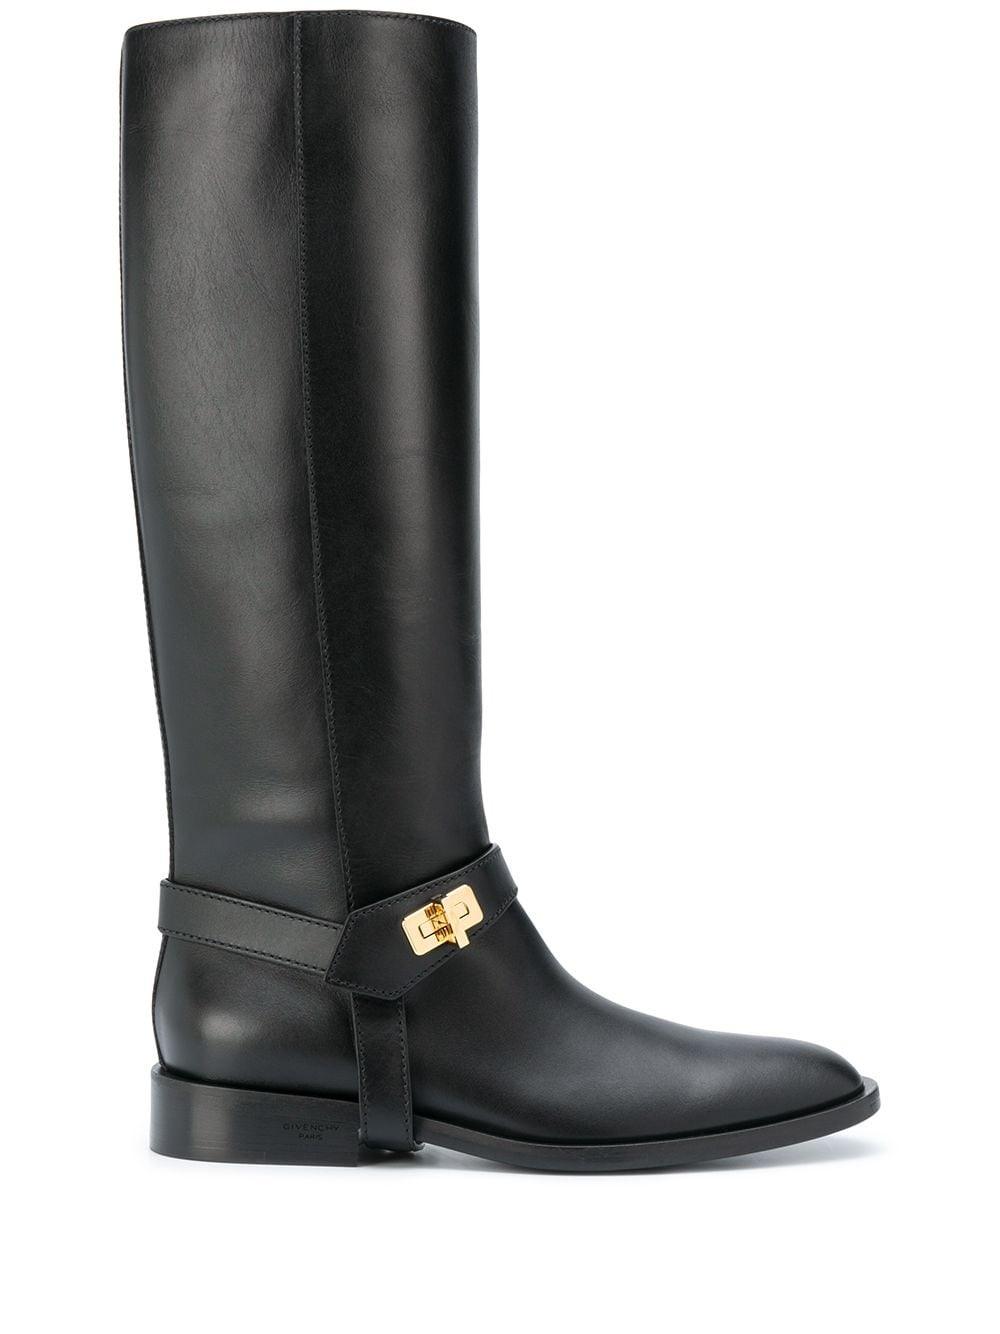 Givenchy bottes à détails dorés